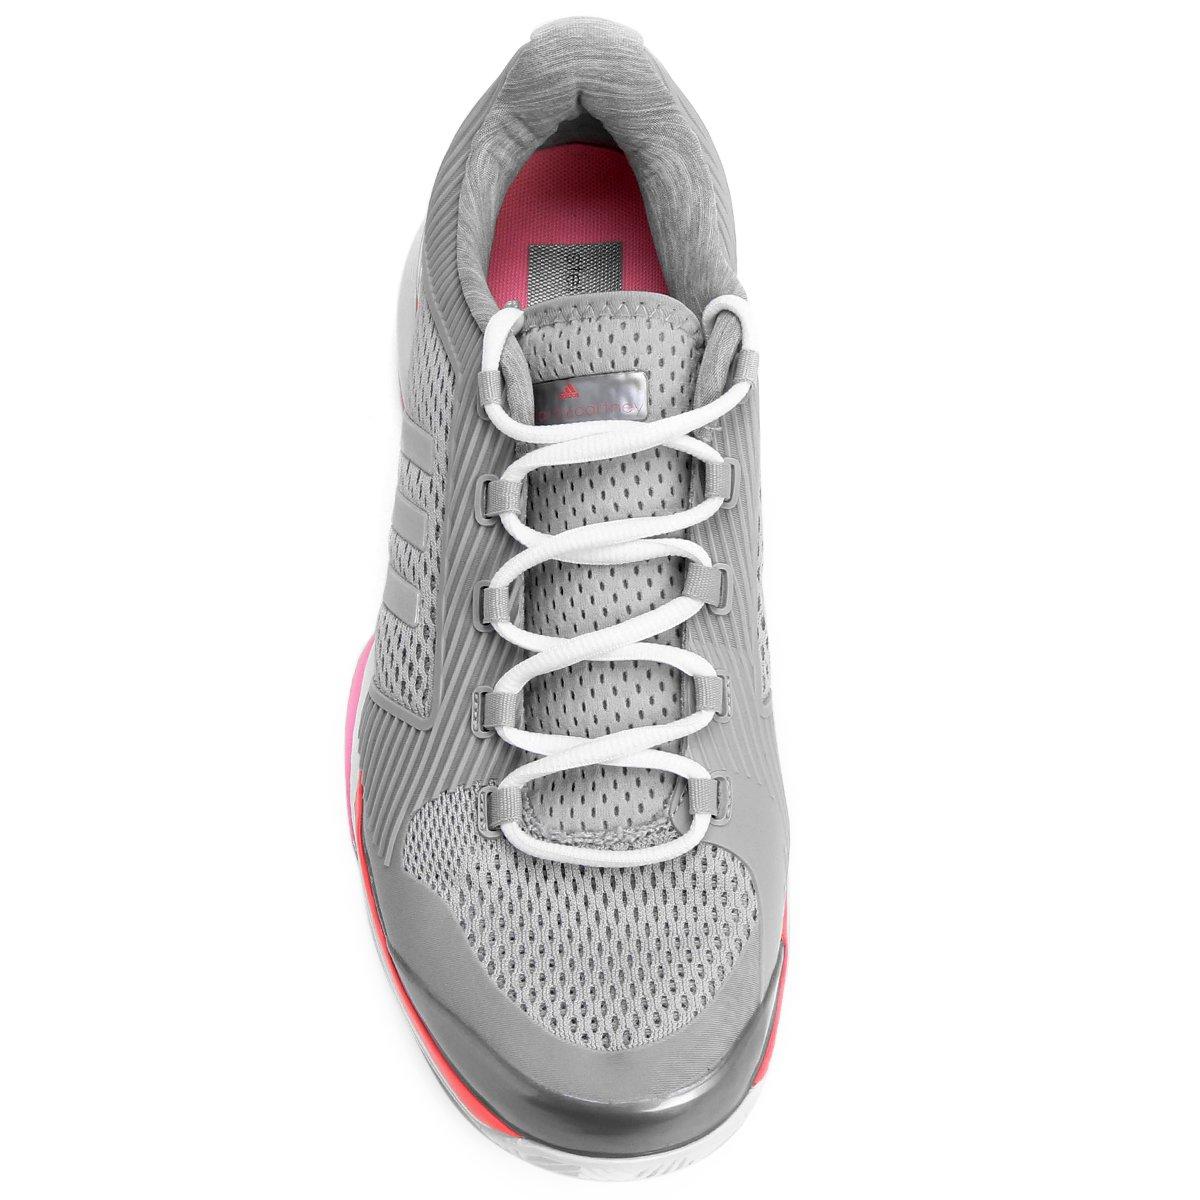 Tênis Adidas Asmc Barricade 2016 - Compre Agora  9af42770bcf4b